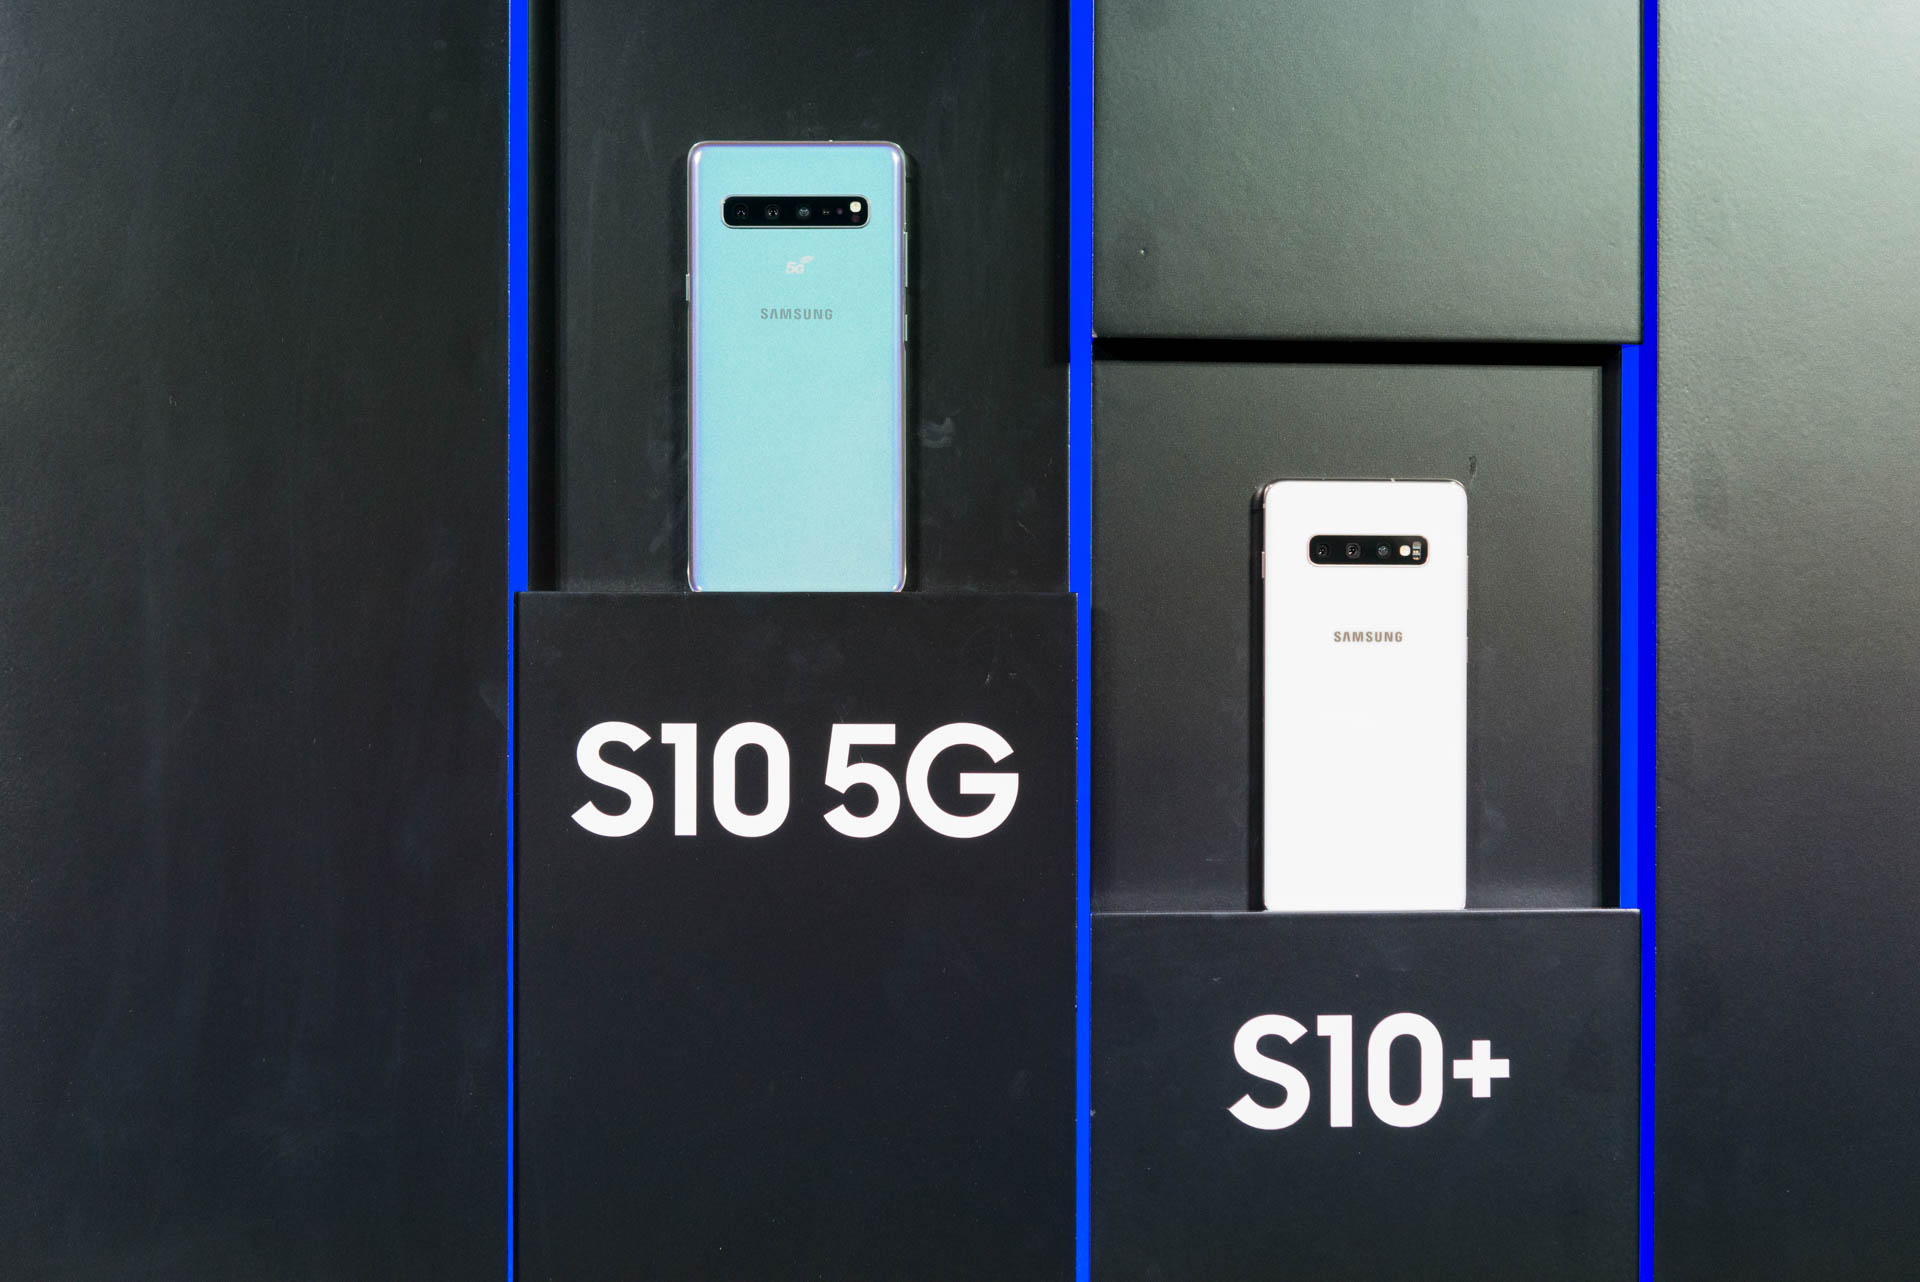 Galaxy S10 im Hands on: Samsung bringt vier neue Galaxy-S10-Modelle - Ebenfalls vorgestellt hat Samsung eine  5G-Version des Galaxy S10. (Bild: Areamobile.de)